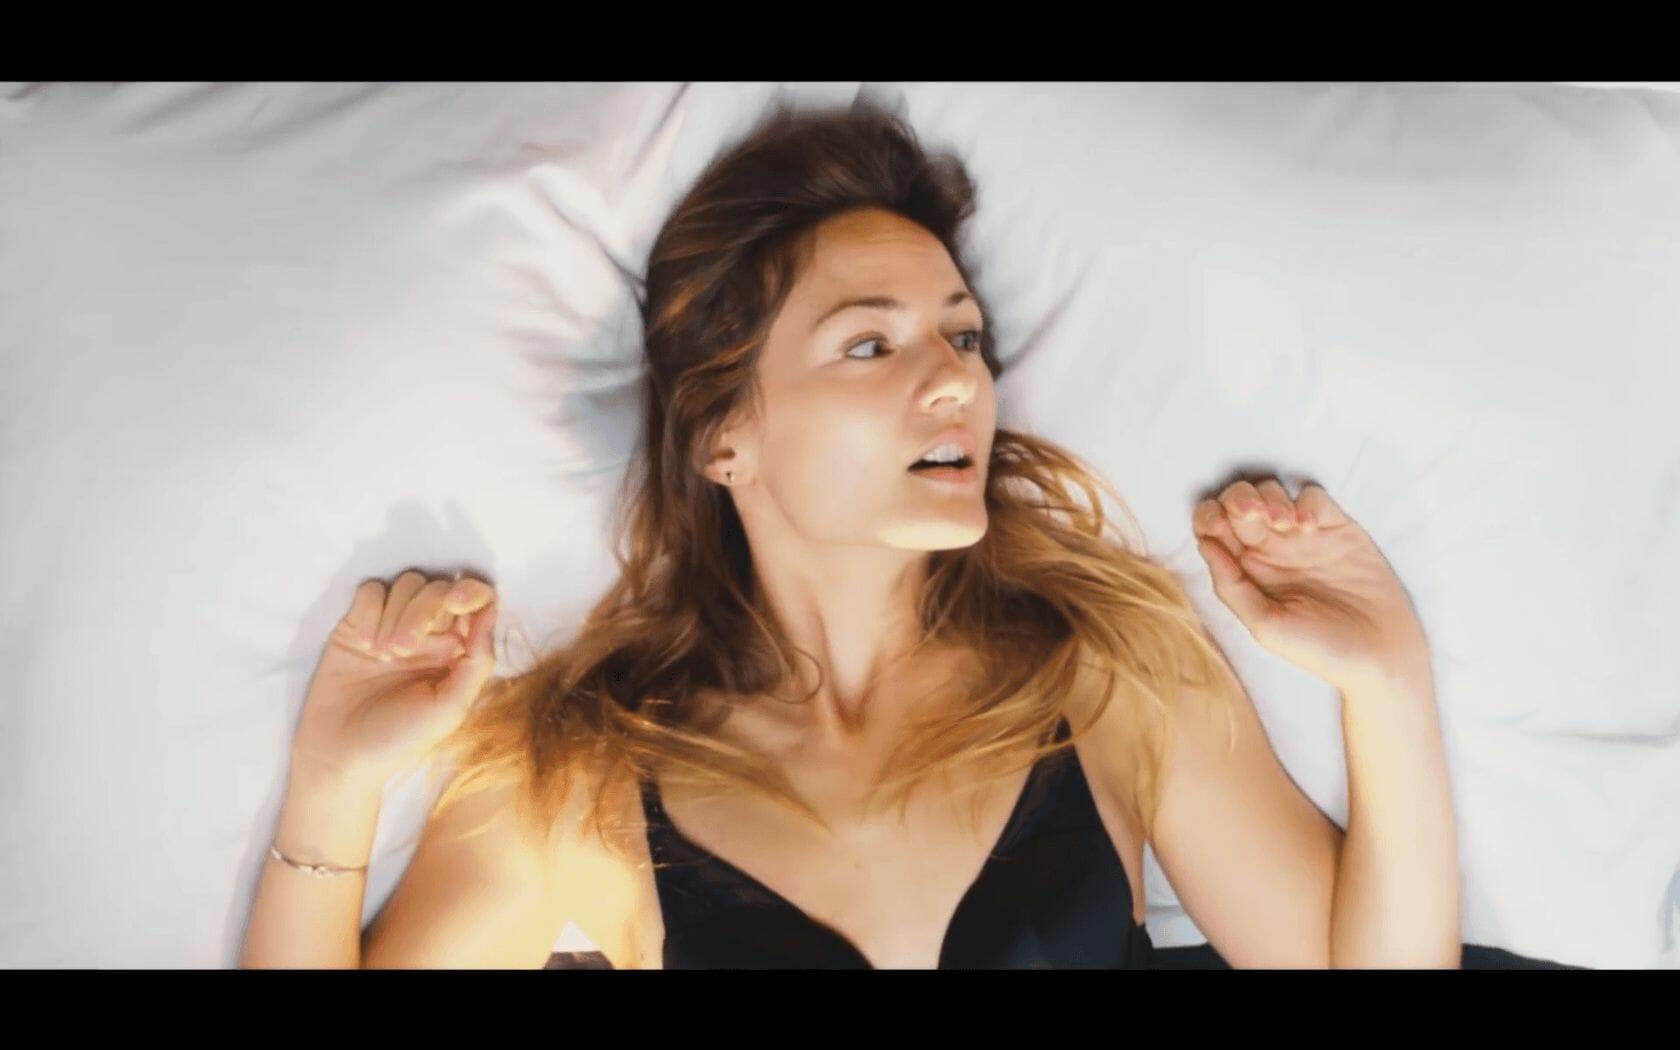 Üghett dévoile les nuits d'une demoiselle, et c'est chaud 1